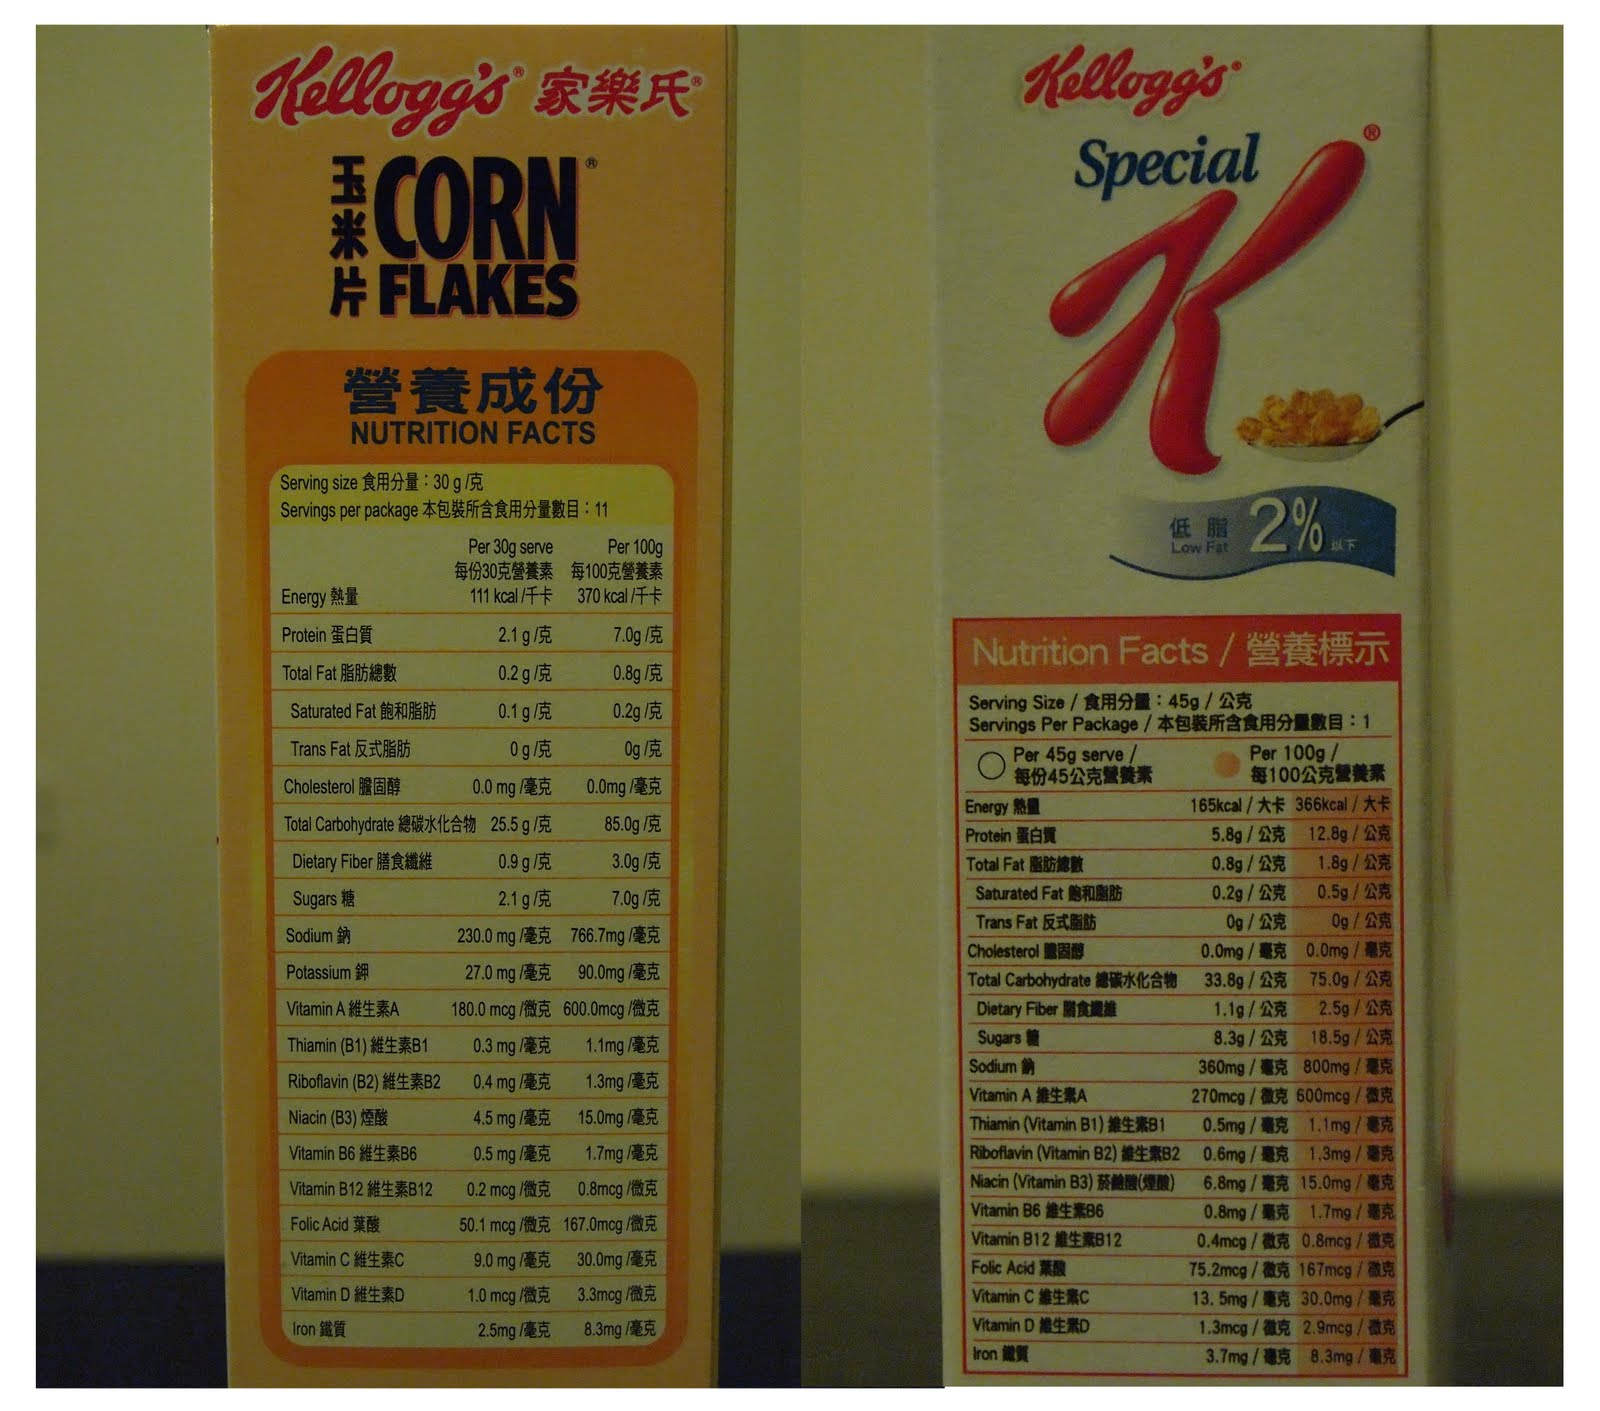 風和日麗: 減肥Special K